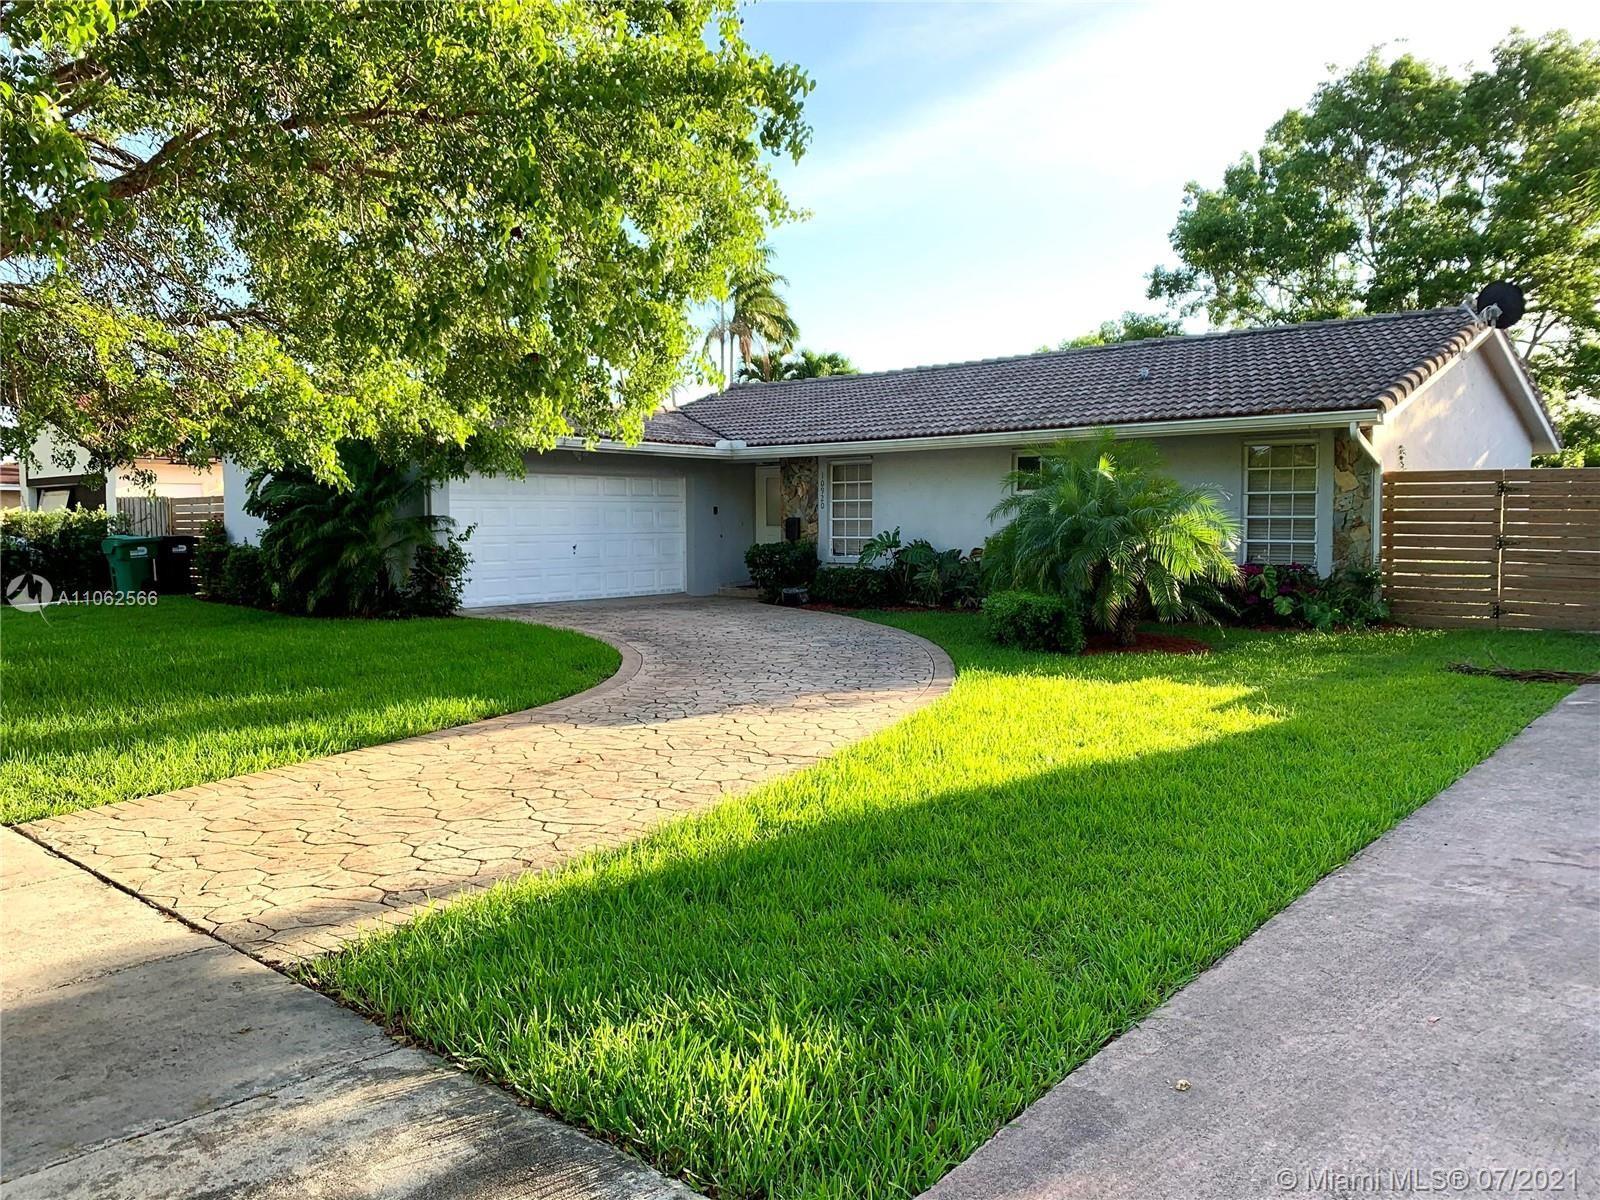 10920 SW 138th Ave, Miami, FL 33186 - #: A11062566